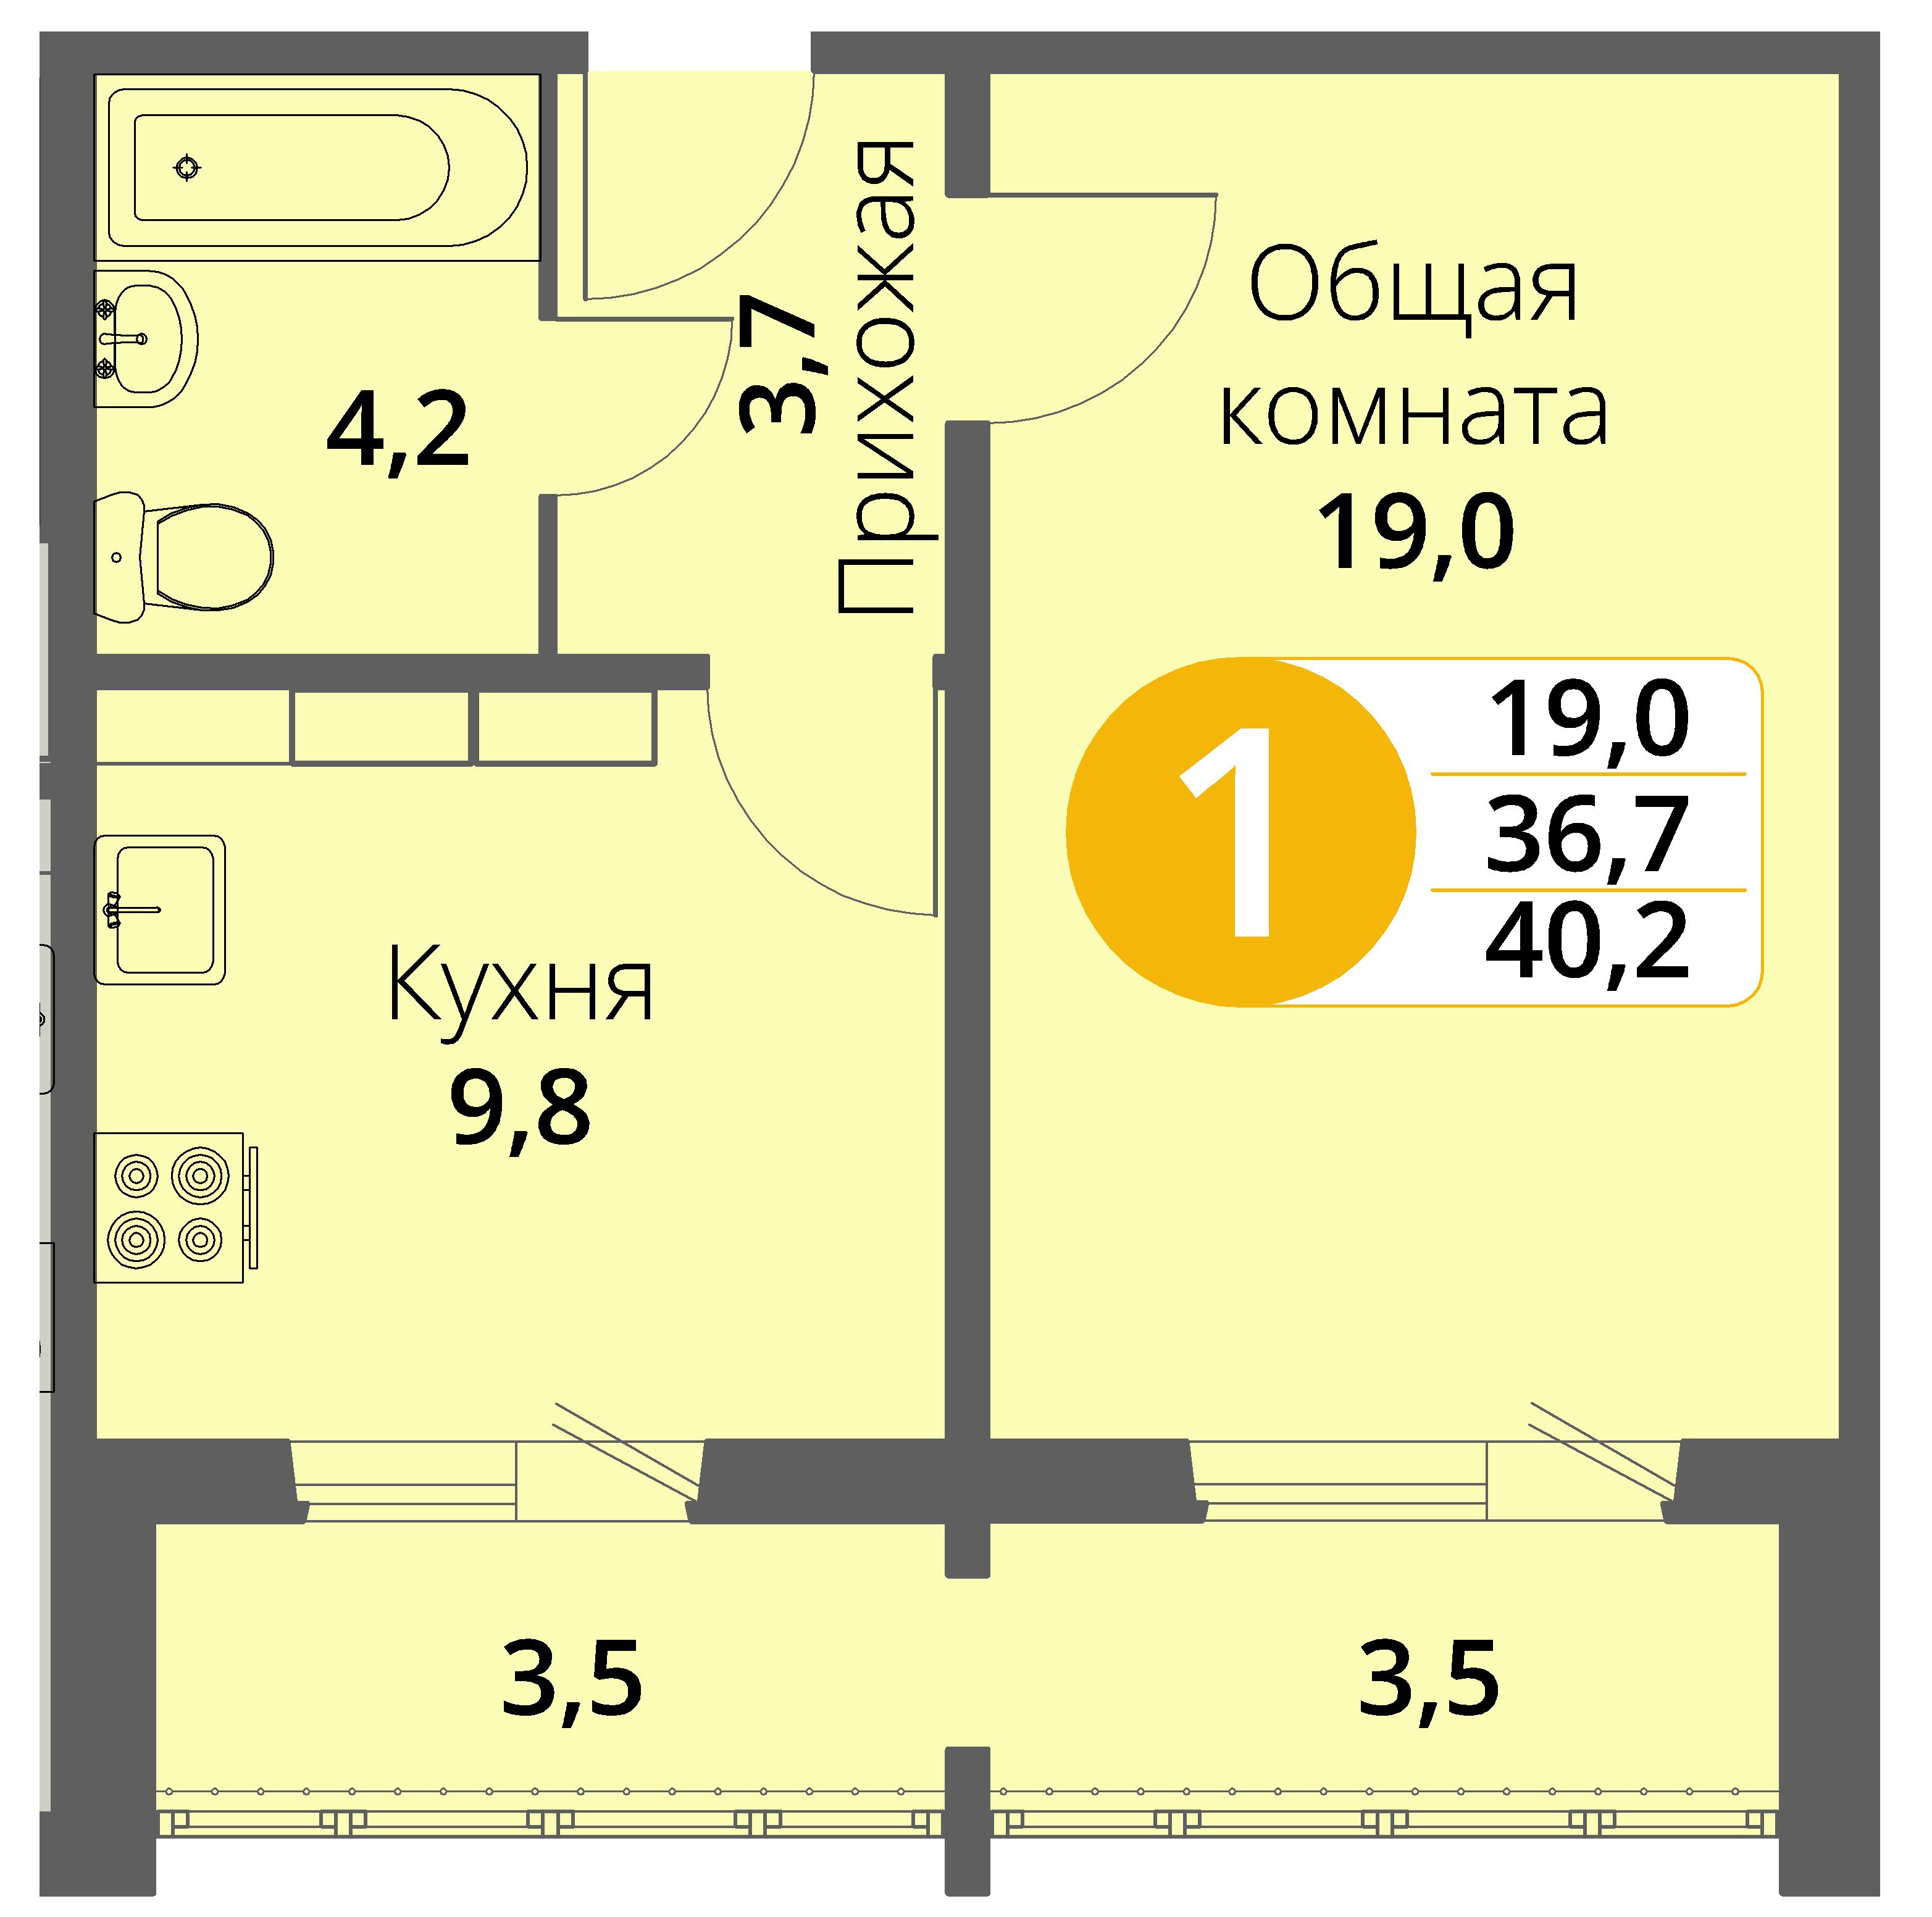 Зареченская 1-1, квартира 118 - Однокомнатная